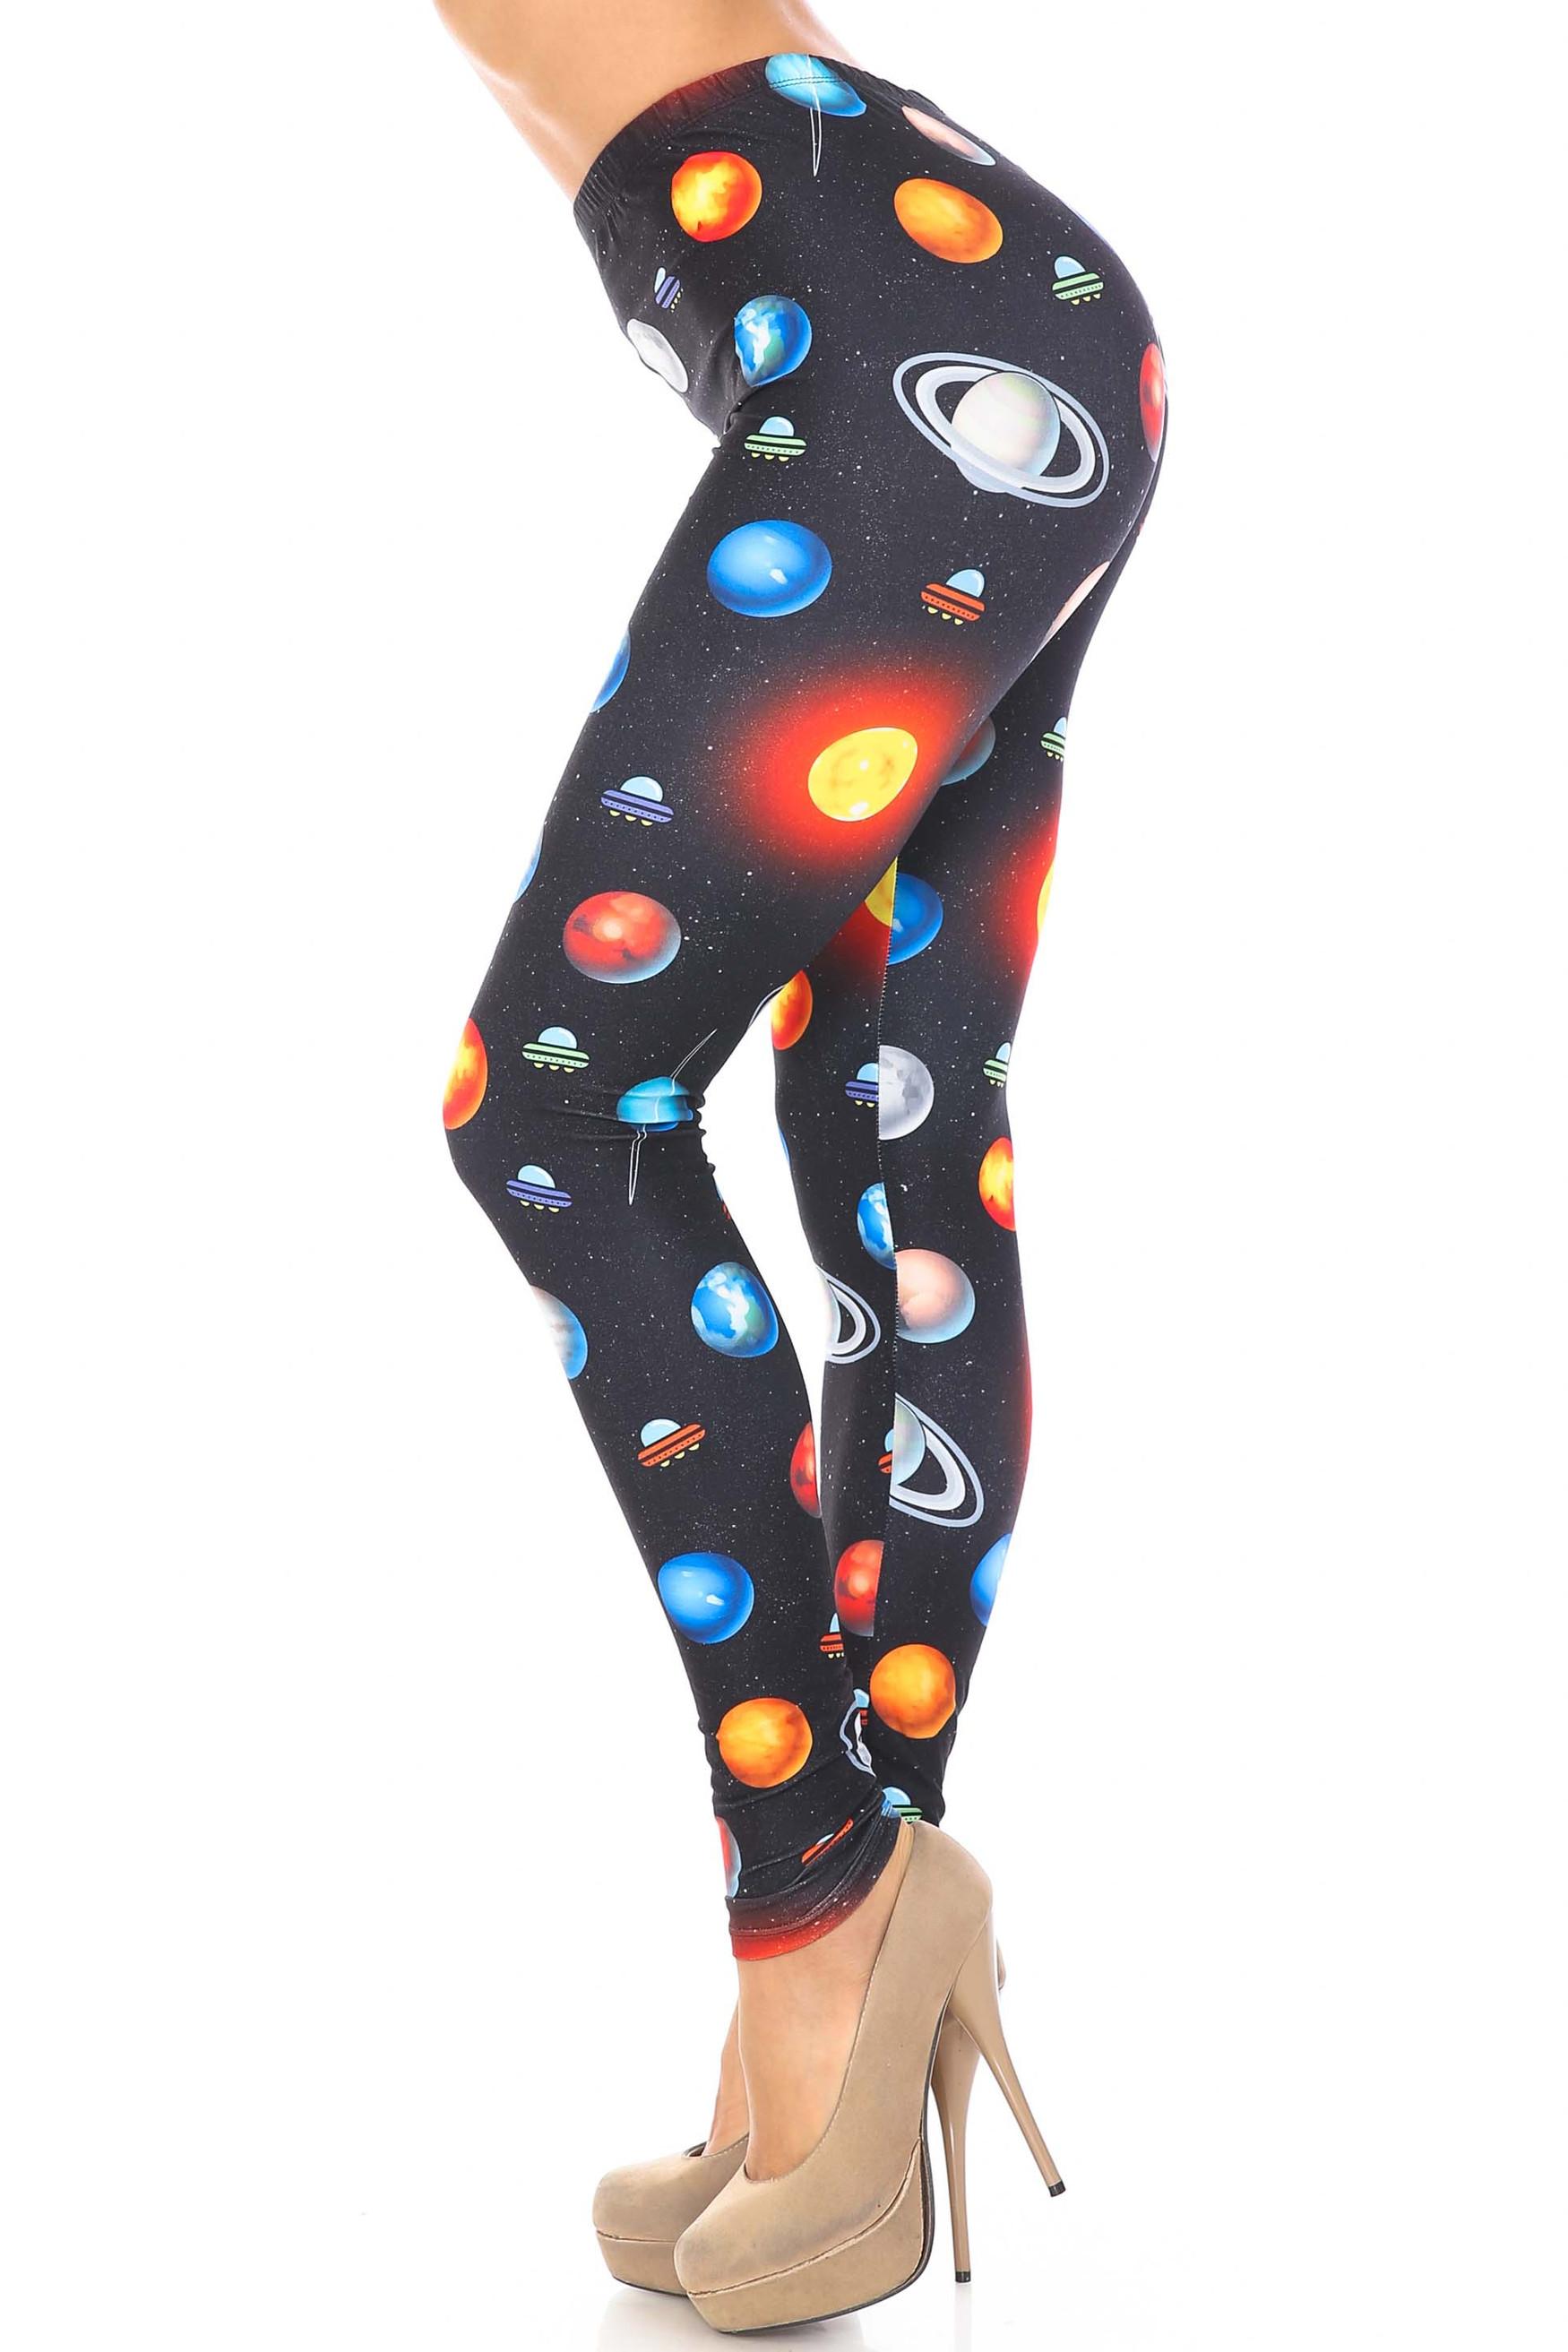 Creamy Soft Galaxy Planets Leggings - USA Fashion™